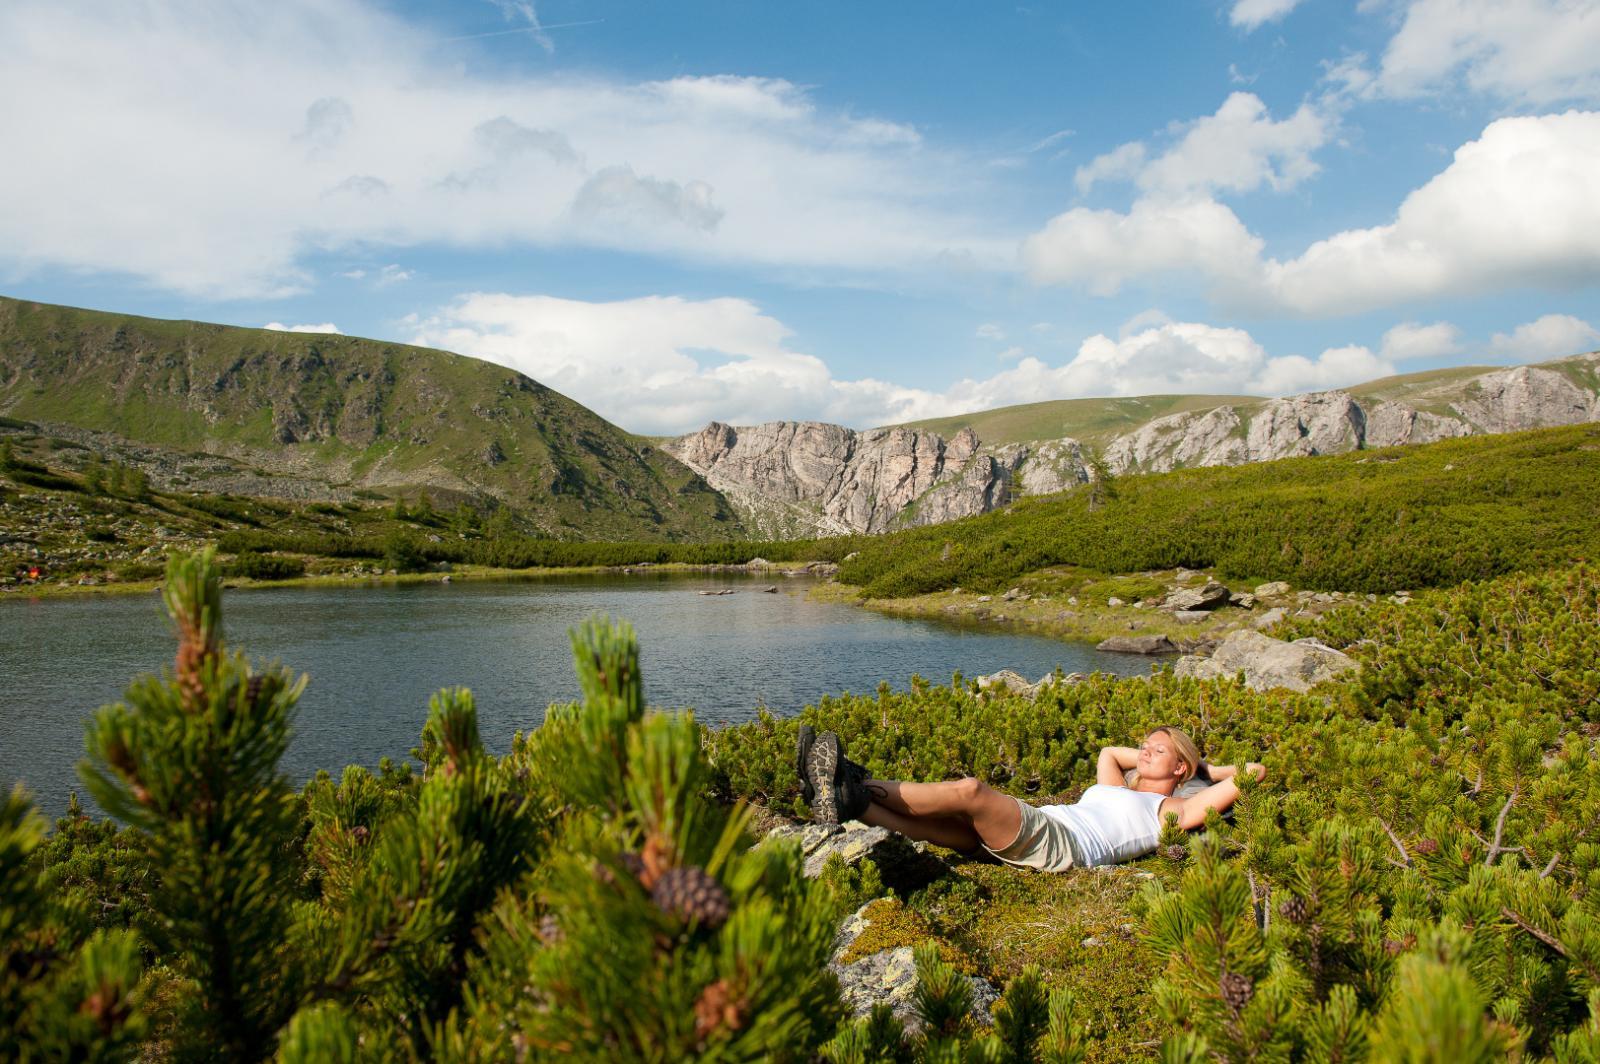 Energetische Körpertherapie: Foto vom Wellnesshotel Thermenwelt Hotel Pulverer | Wellness Kärnten